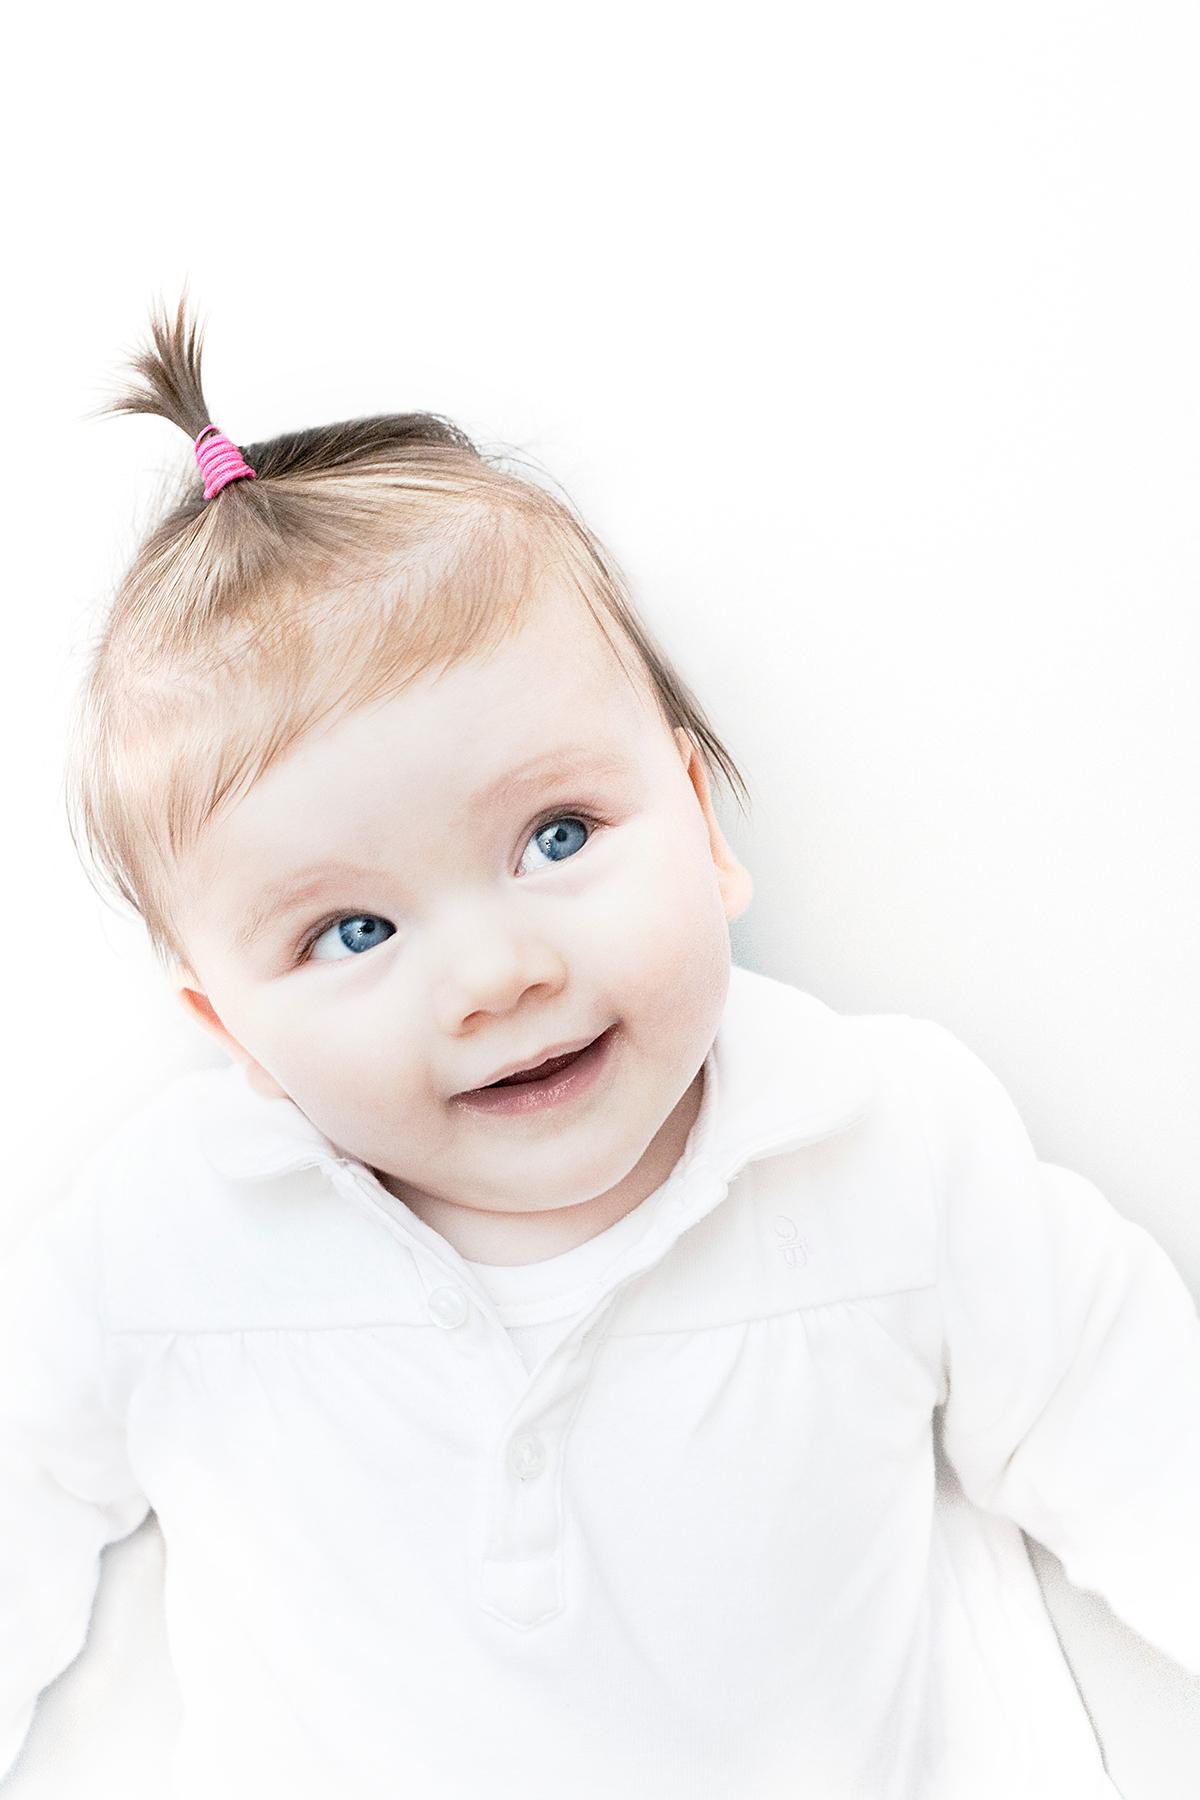 Portret-baby-Jasmijn-01-hi-res